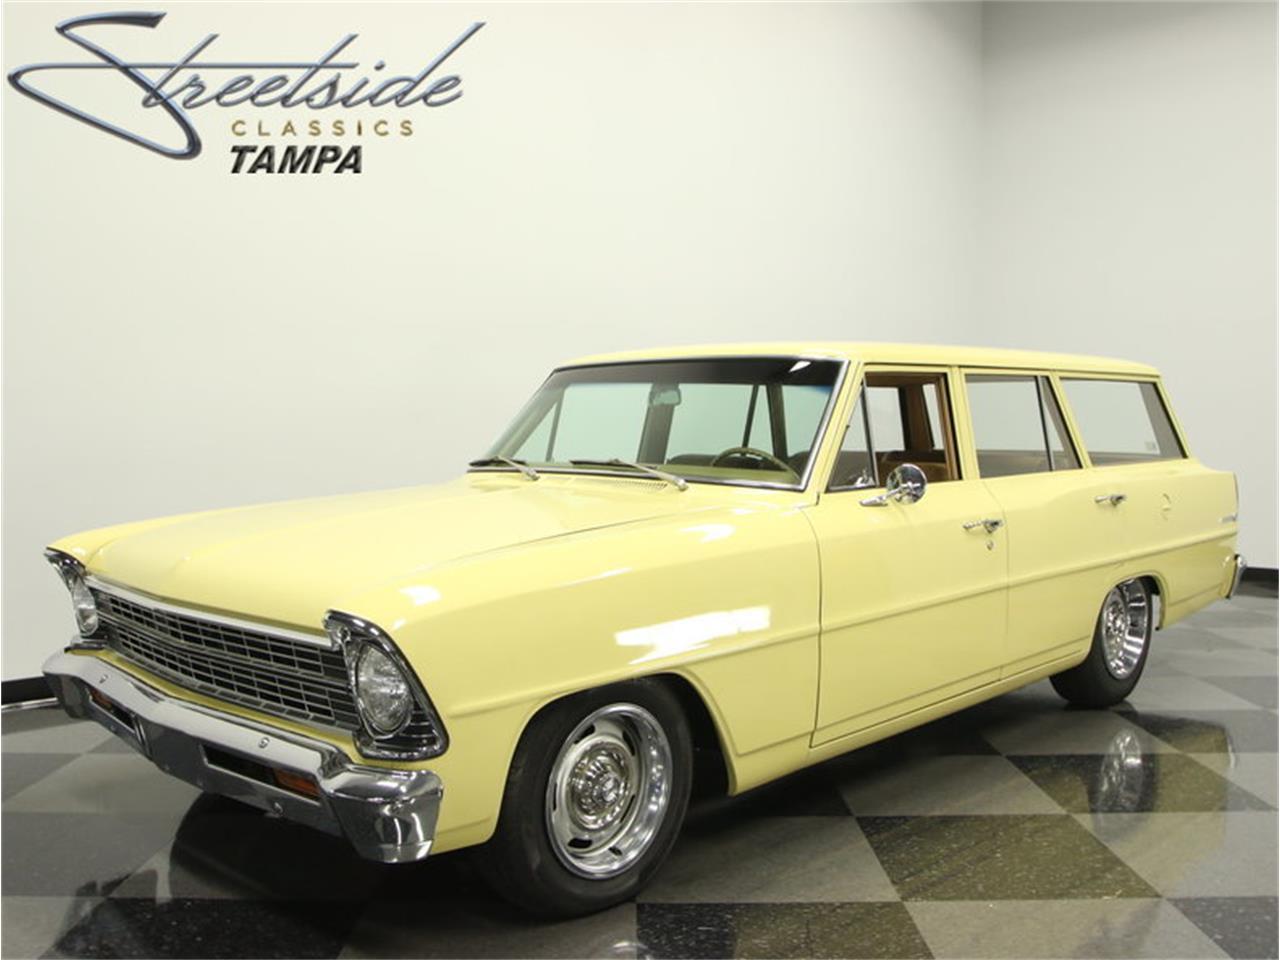 1967 Chevrolet Nova Chevy Ii Wagon For Sale Classiccars Com Cc 835540